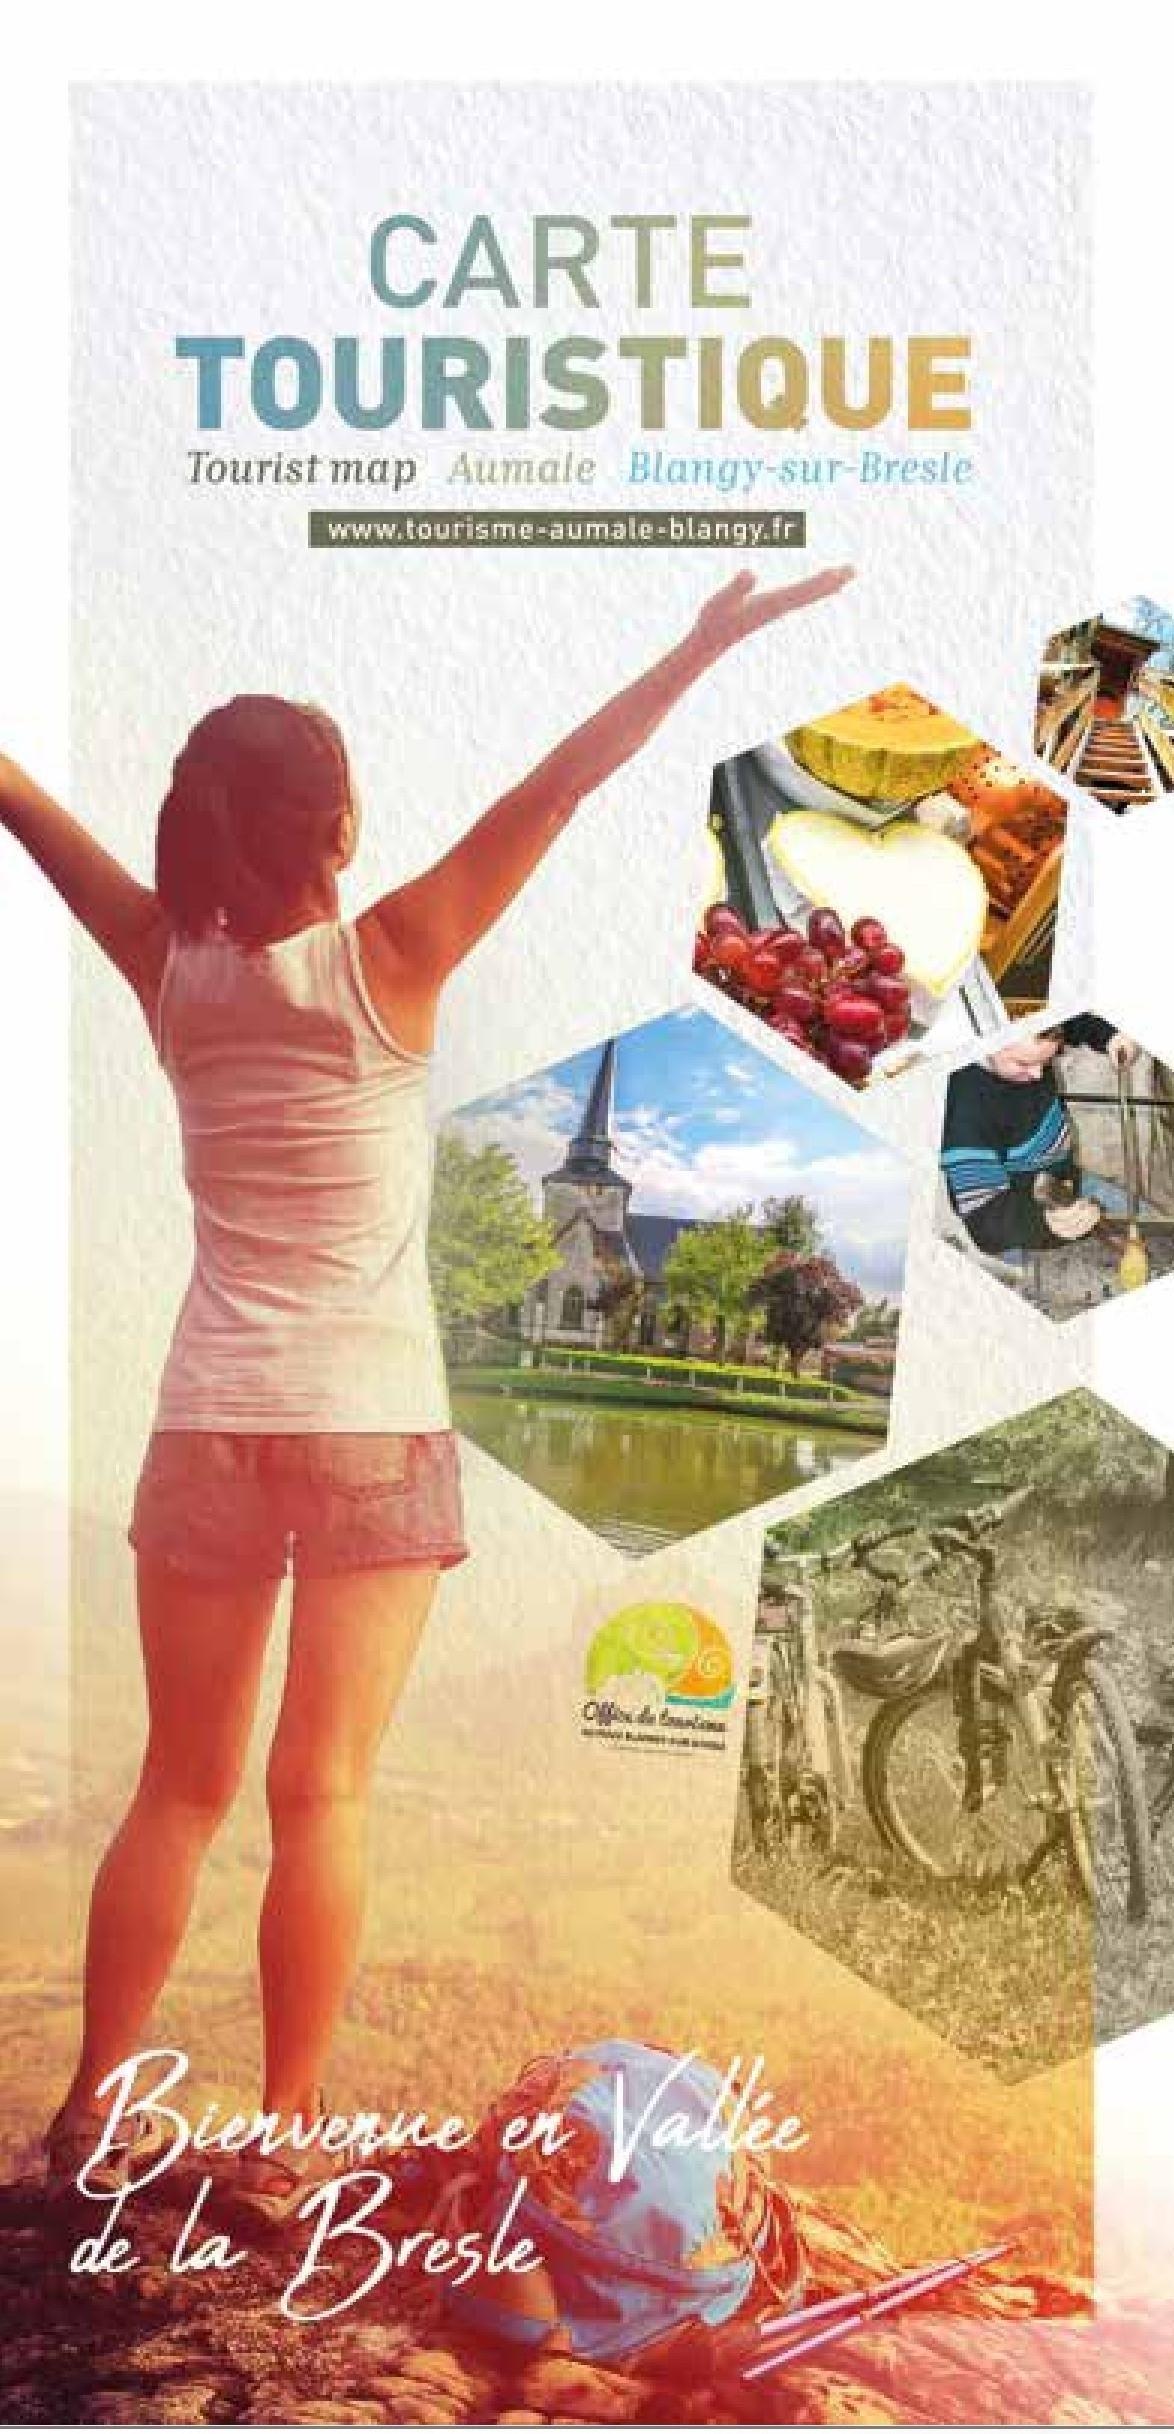 Carte touristique Aumale/ Blangy